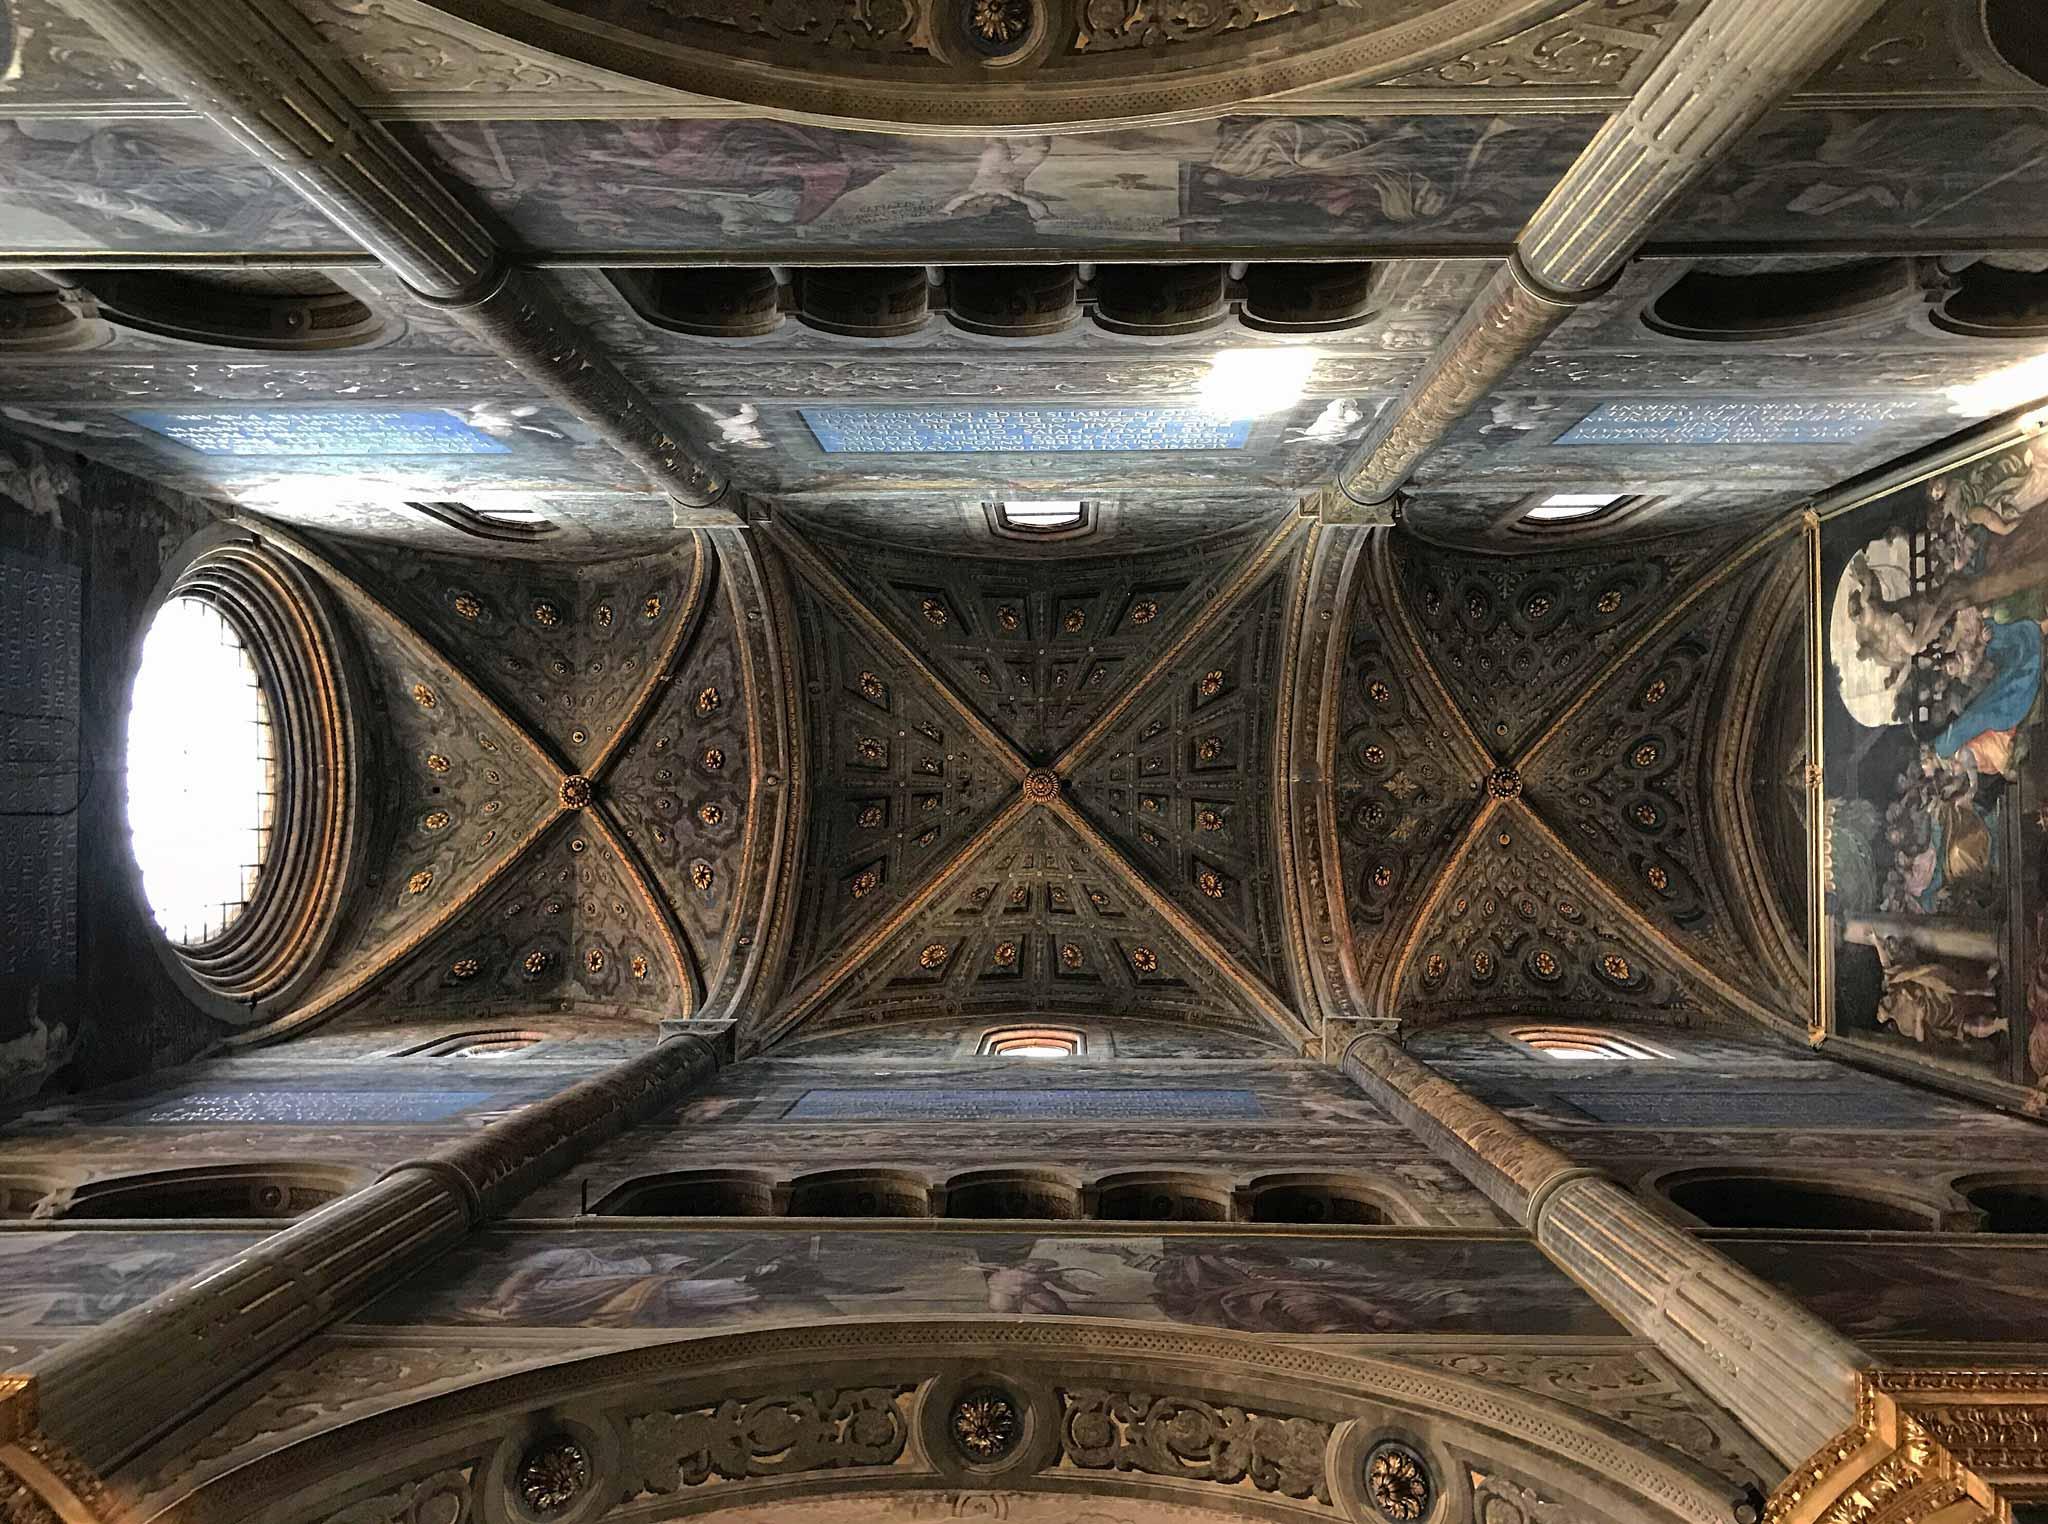 Cattedrale-di-Cremona-navata-soffitto-altissimo-disegni-decorazioni-pilastri